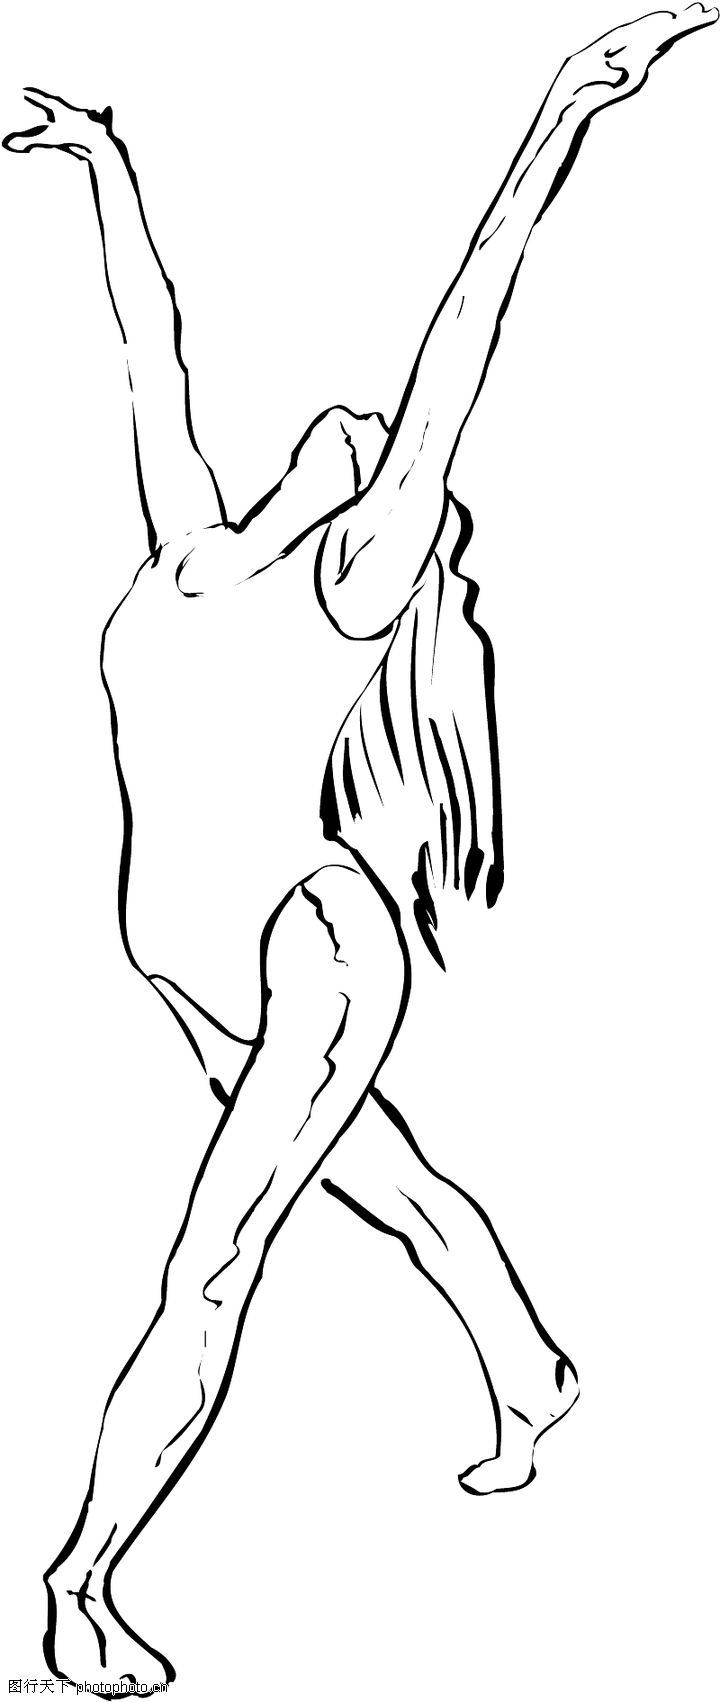 幼儿舞蹈海报手绘图